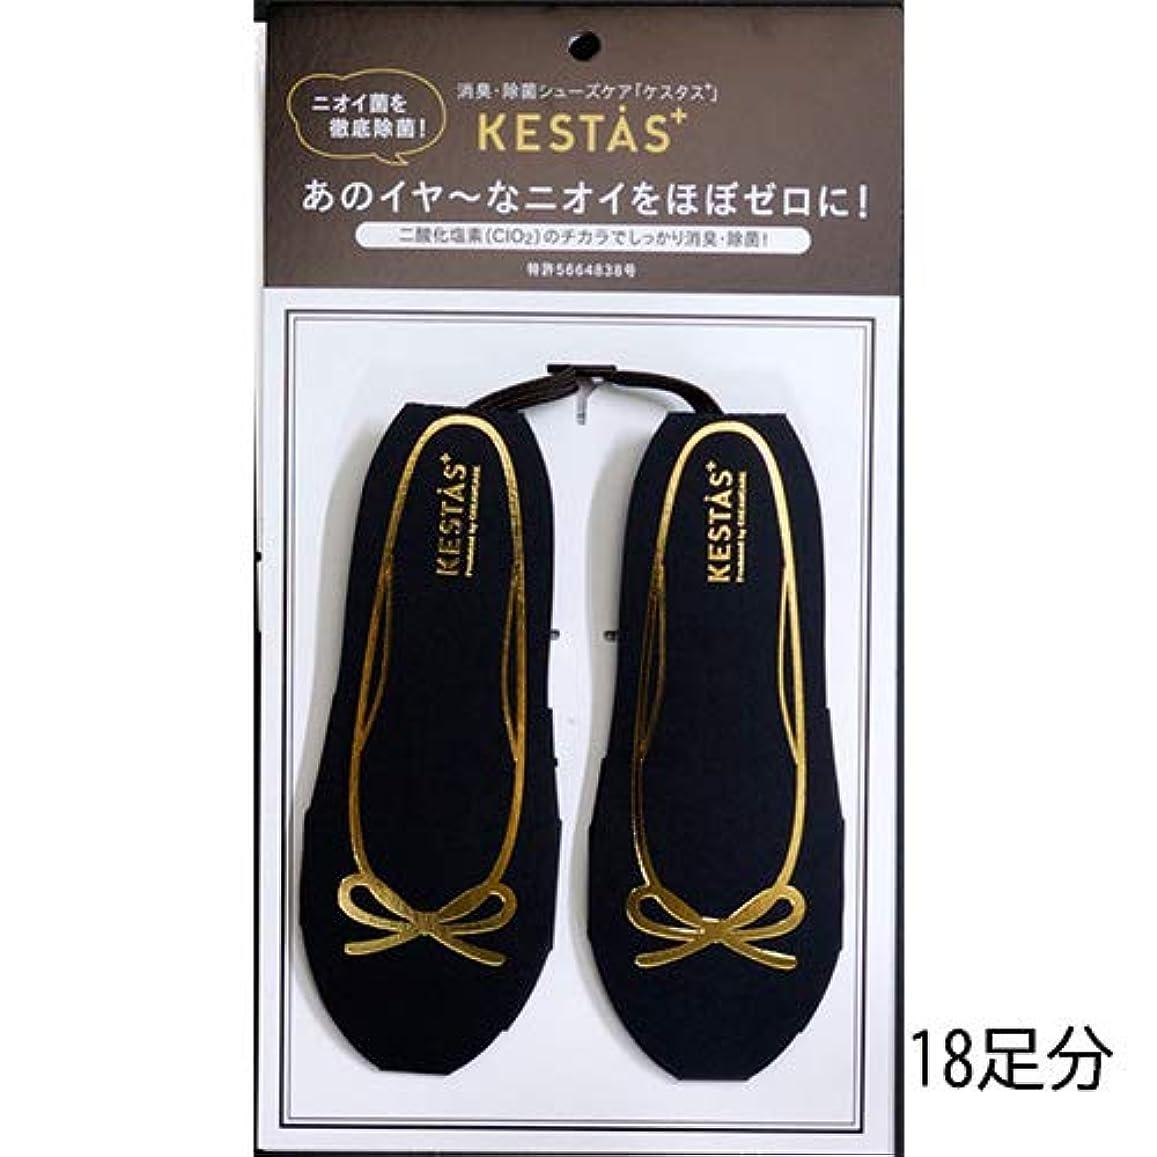 操縦する退屈させる血統ケスタス靴用 パンプス(18足分) KSK-BP18